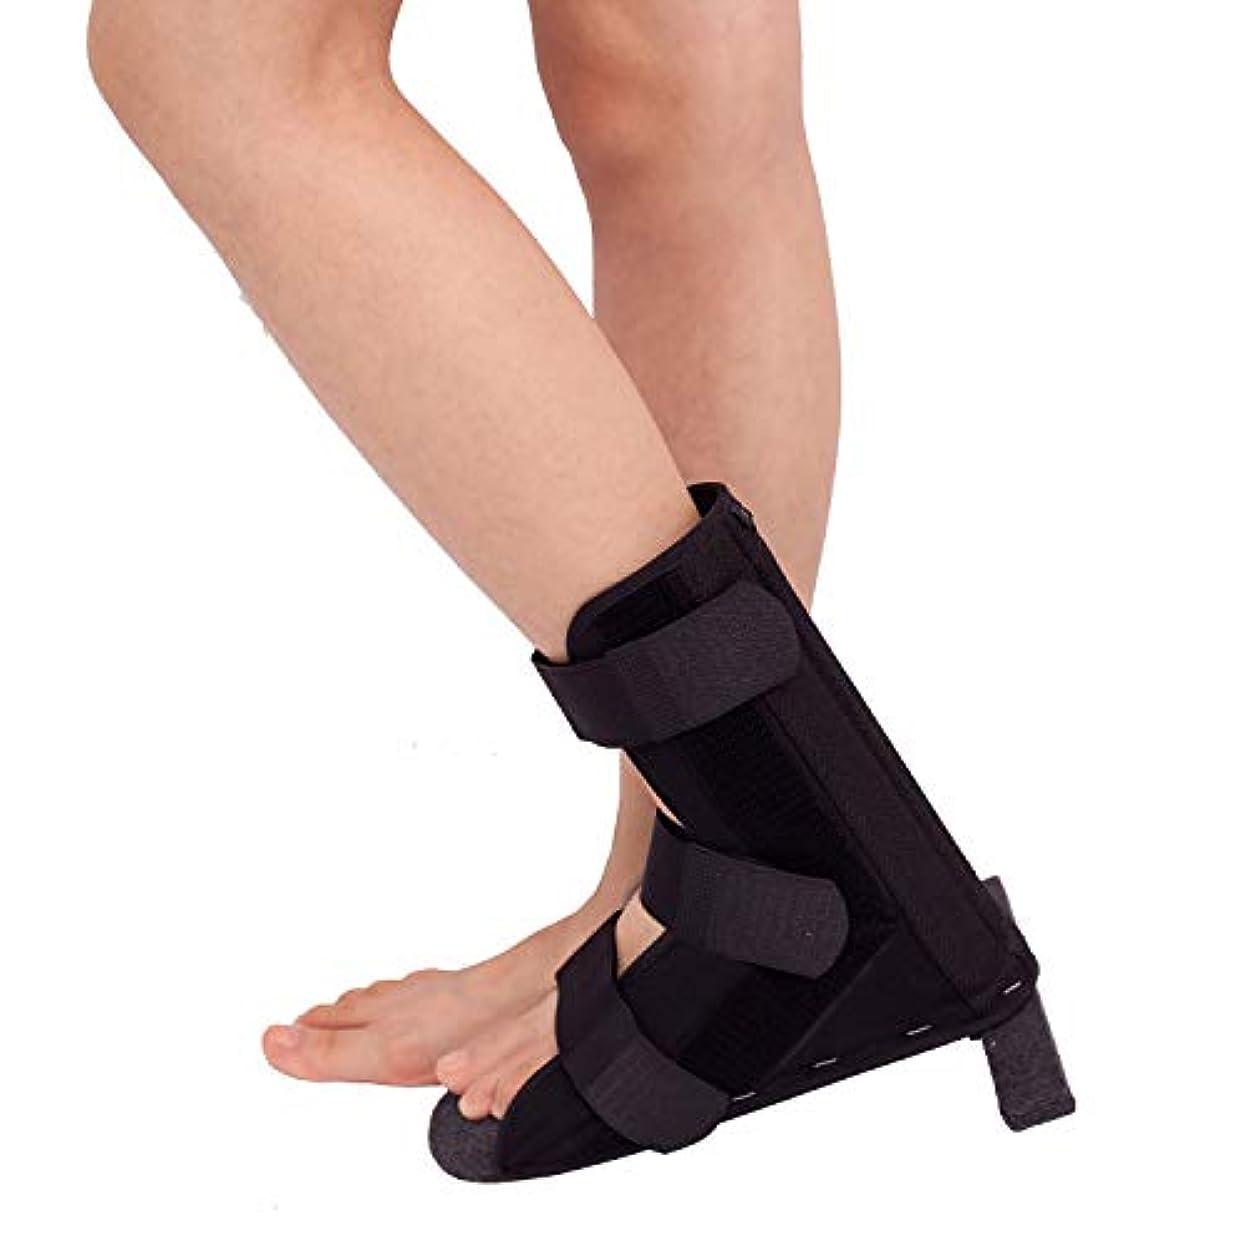 足首サポート ア、T字型靴、整形外科用靴、足首骨折、捻挫固定ブラケット (Size : L)